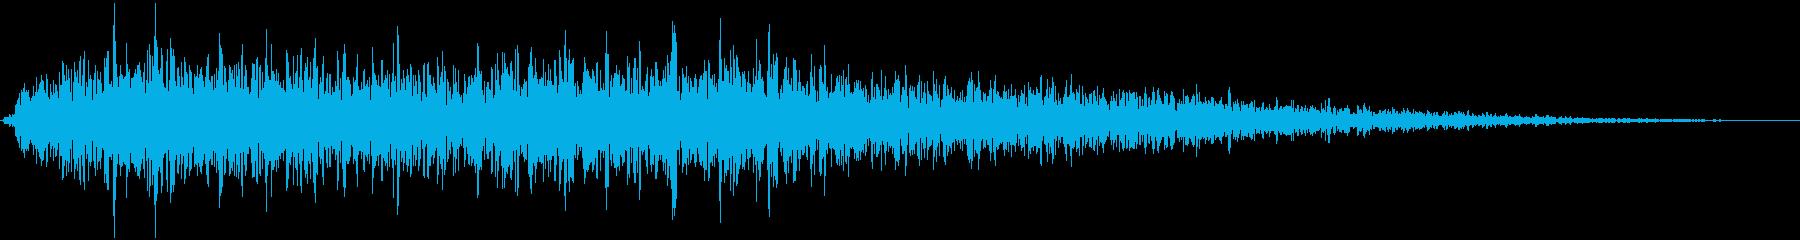 大規模な水中爆発水中爆発、地震、火山の再生済みの波形